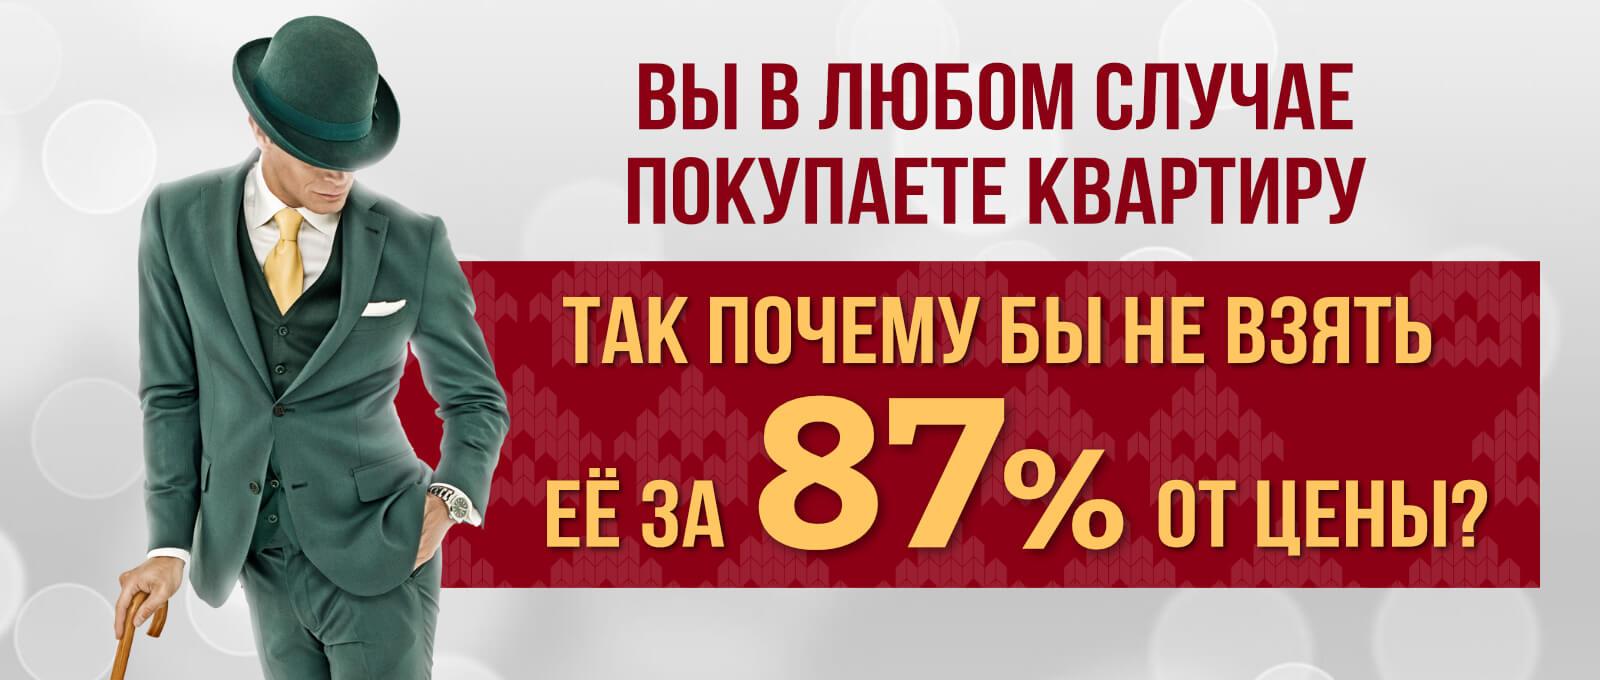 Квартиры за 87% от рыночной стоимости! | Жилой комплекс Варежки 2